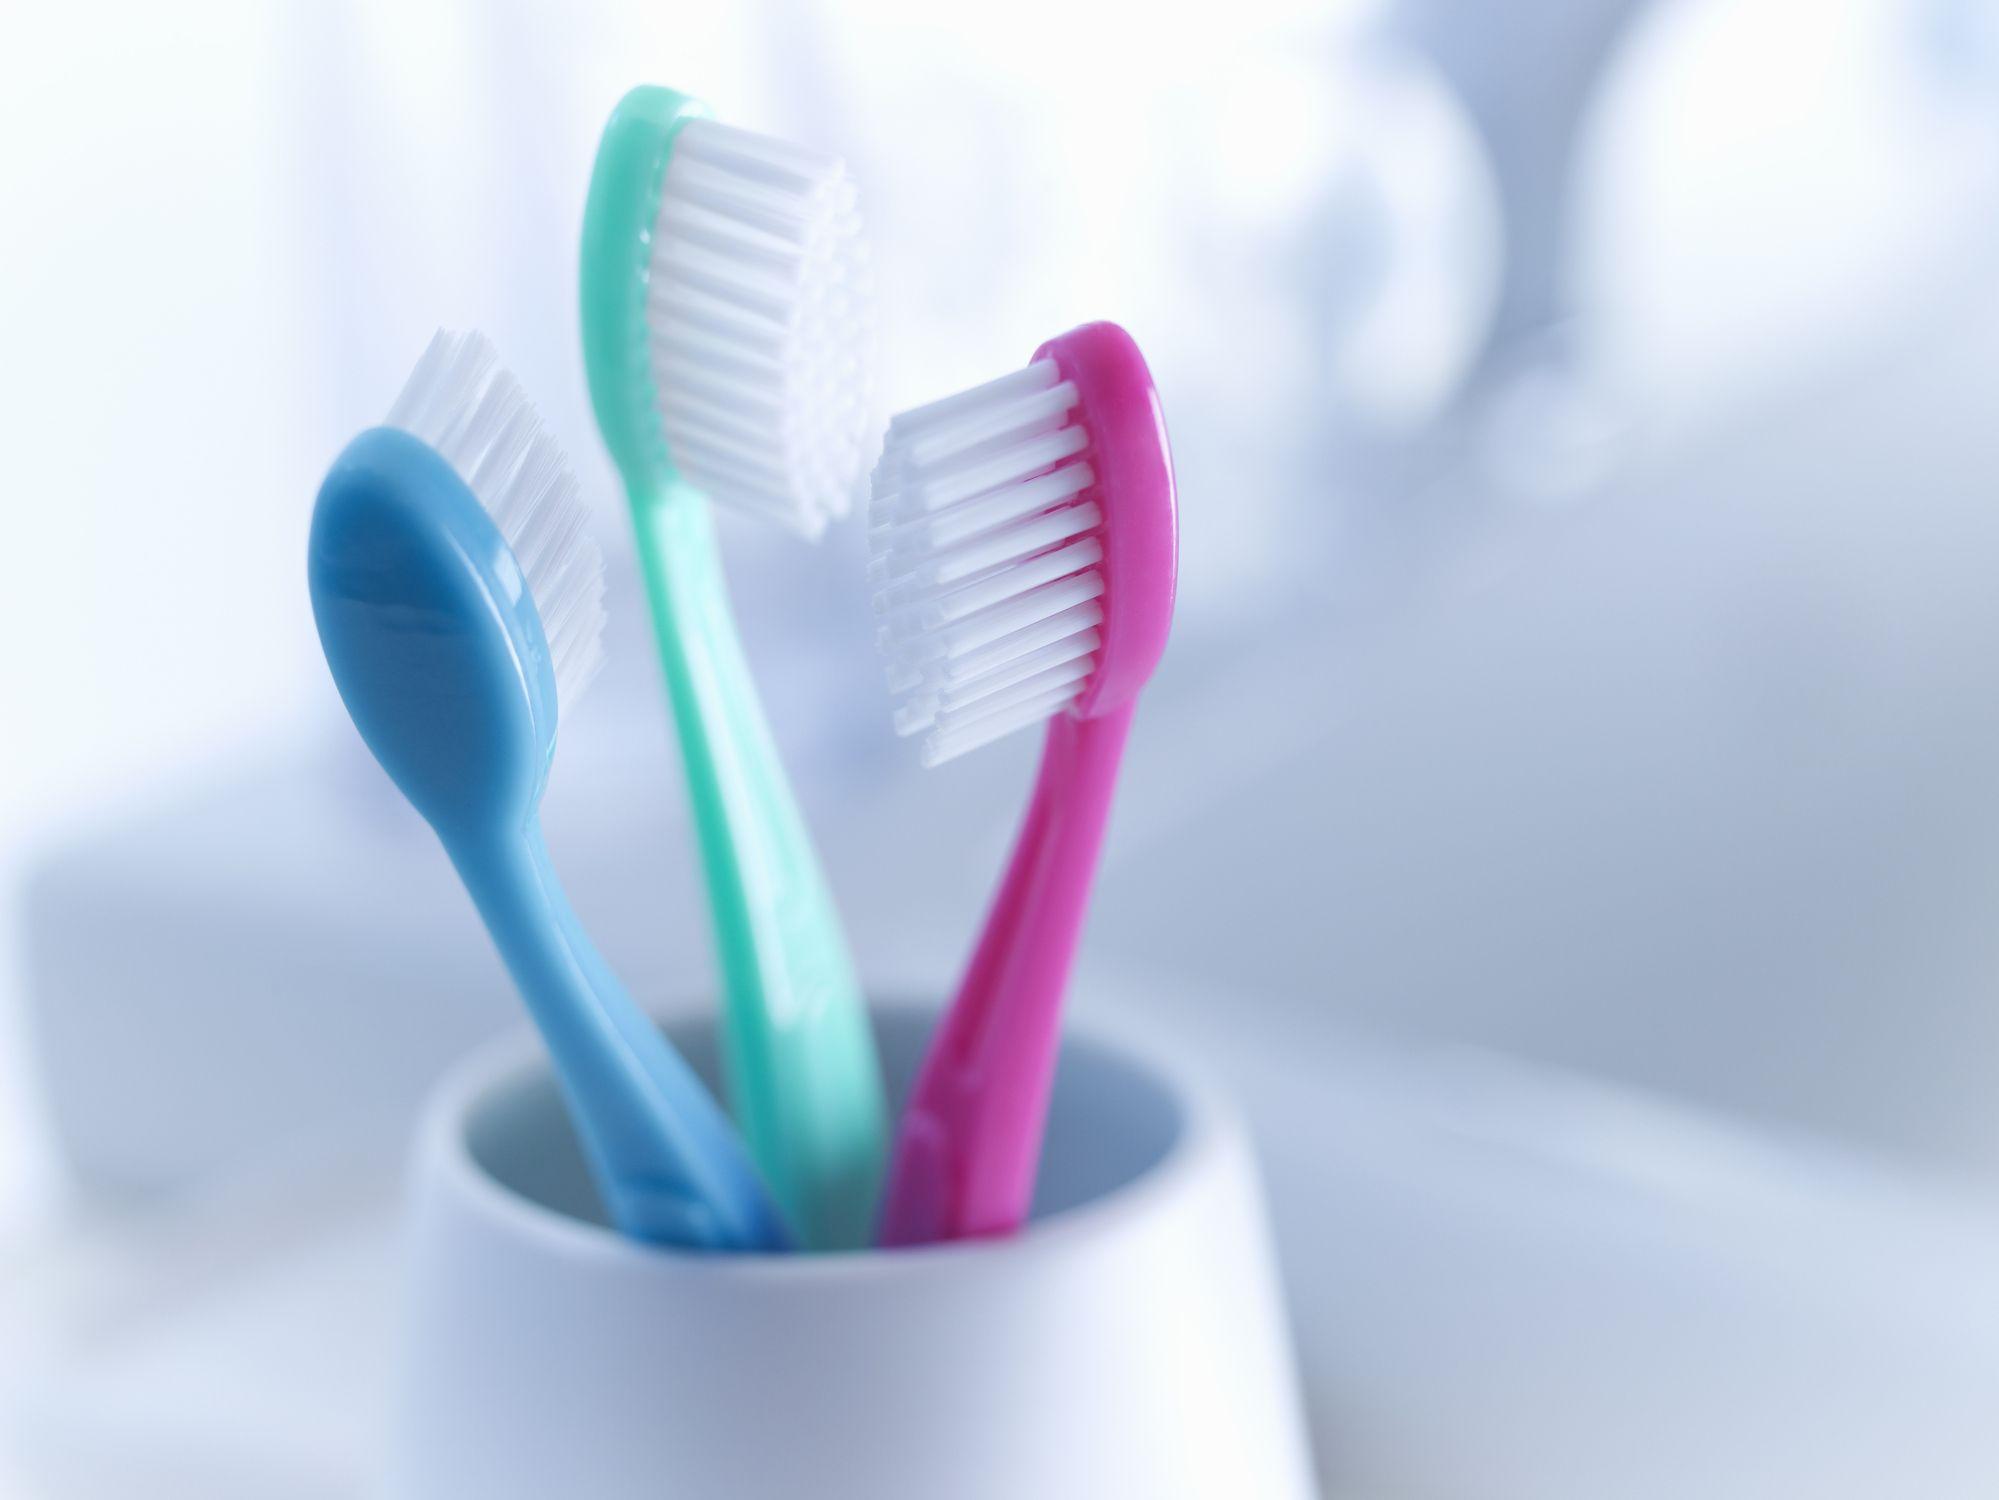 Статья: Какую зубную щетку выбрать